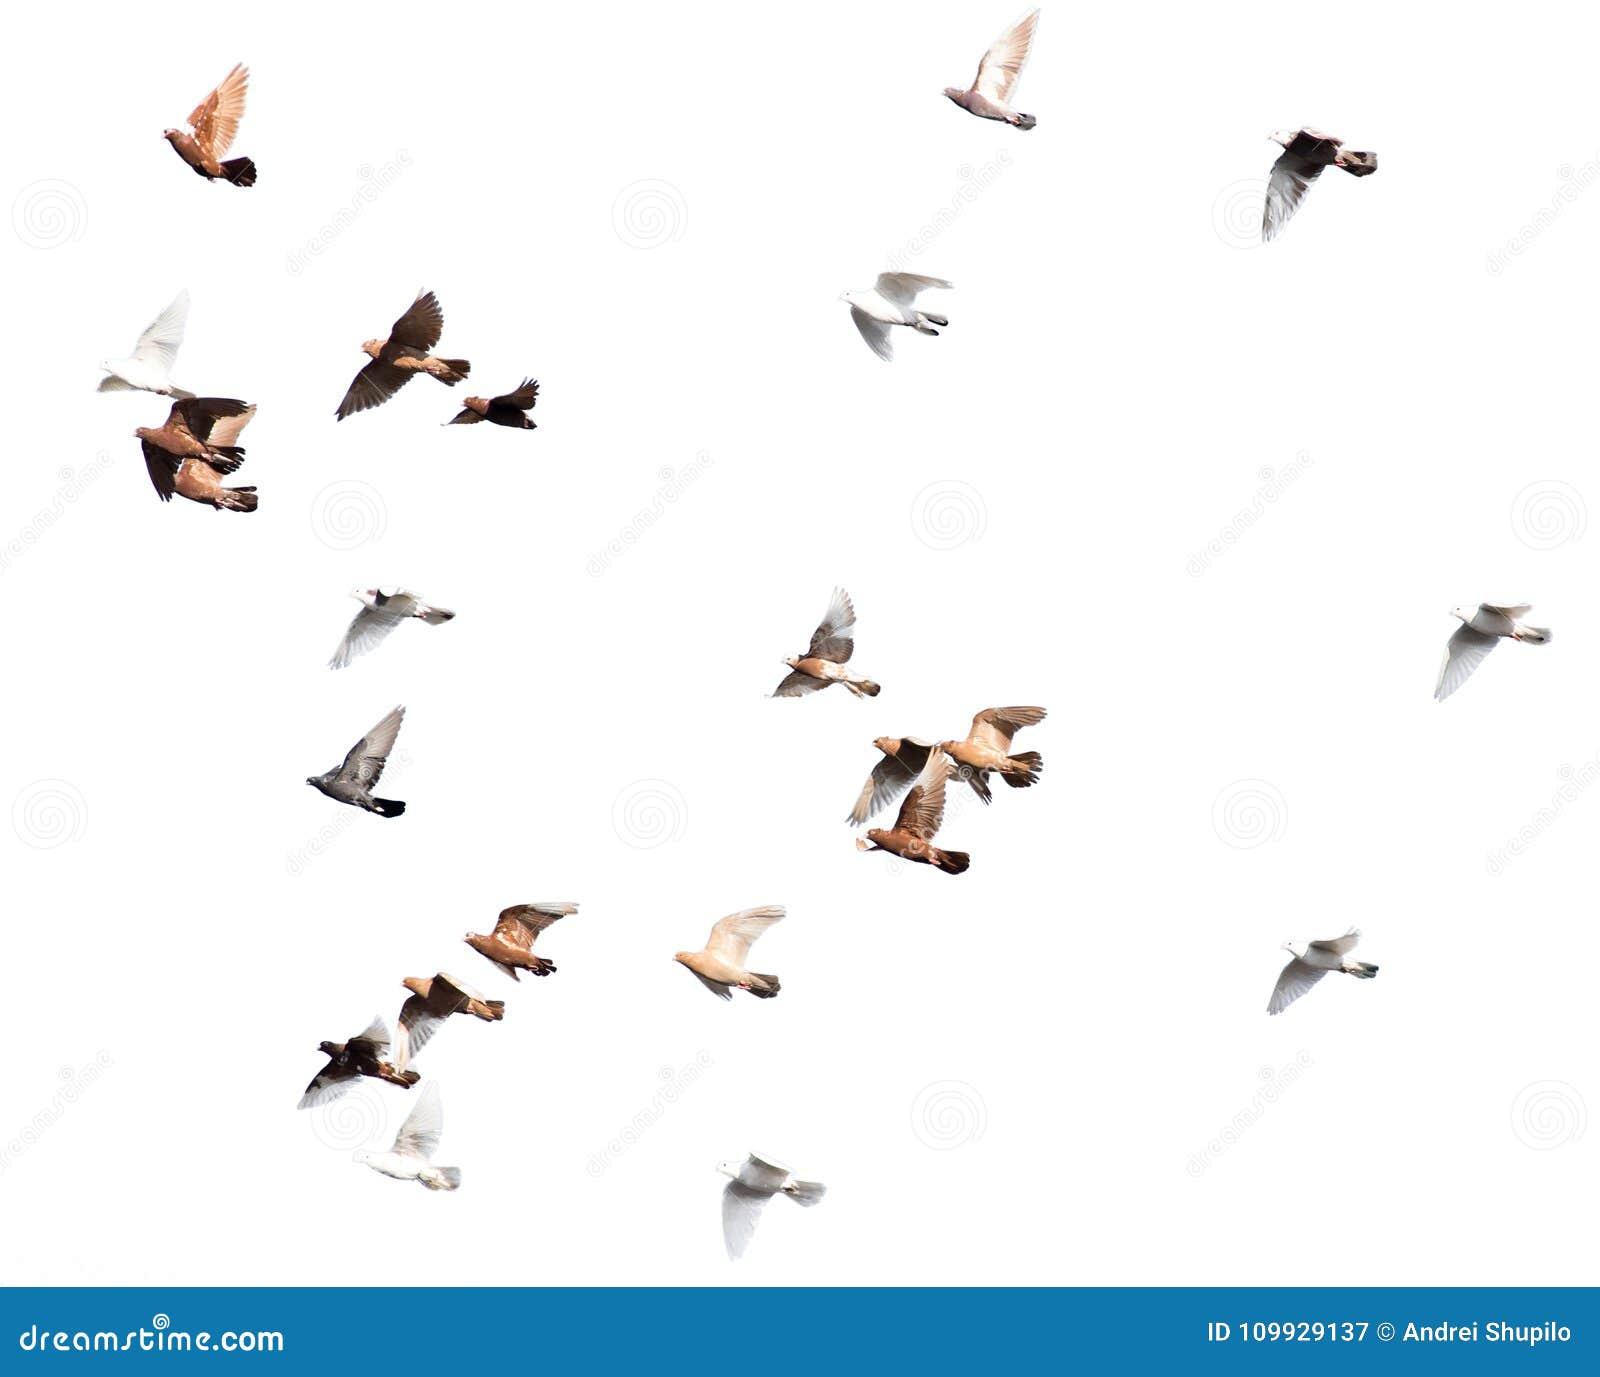 Moltitudine di piccioni su un fondo bianco